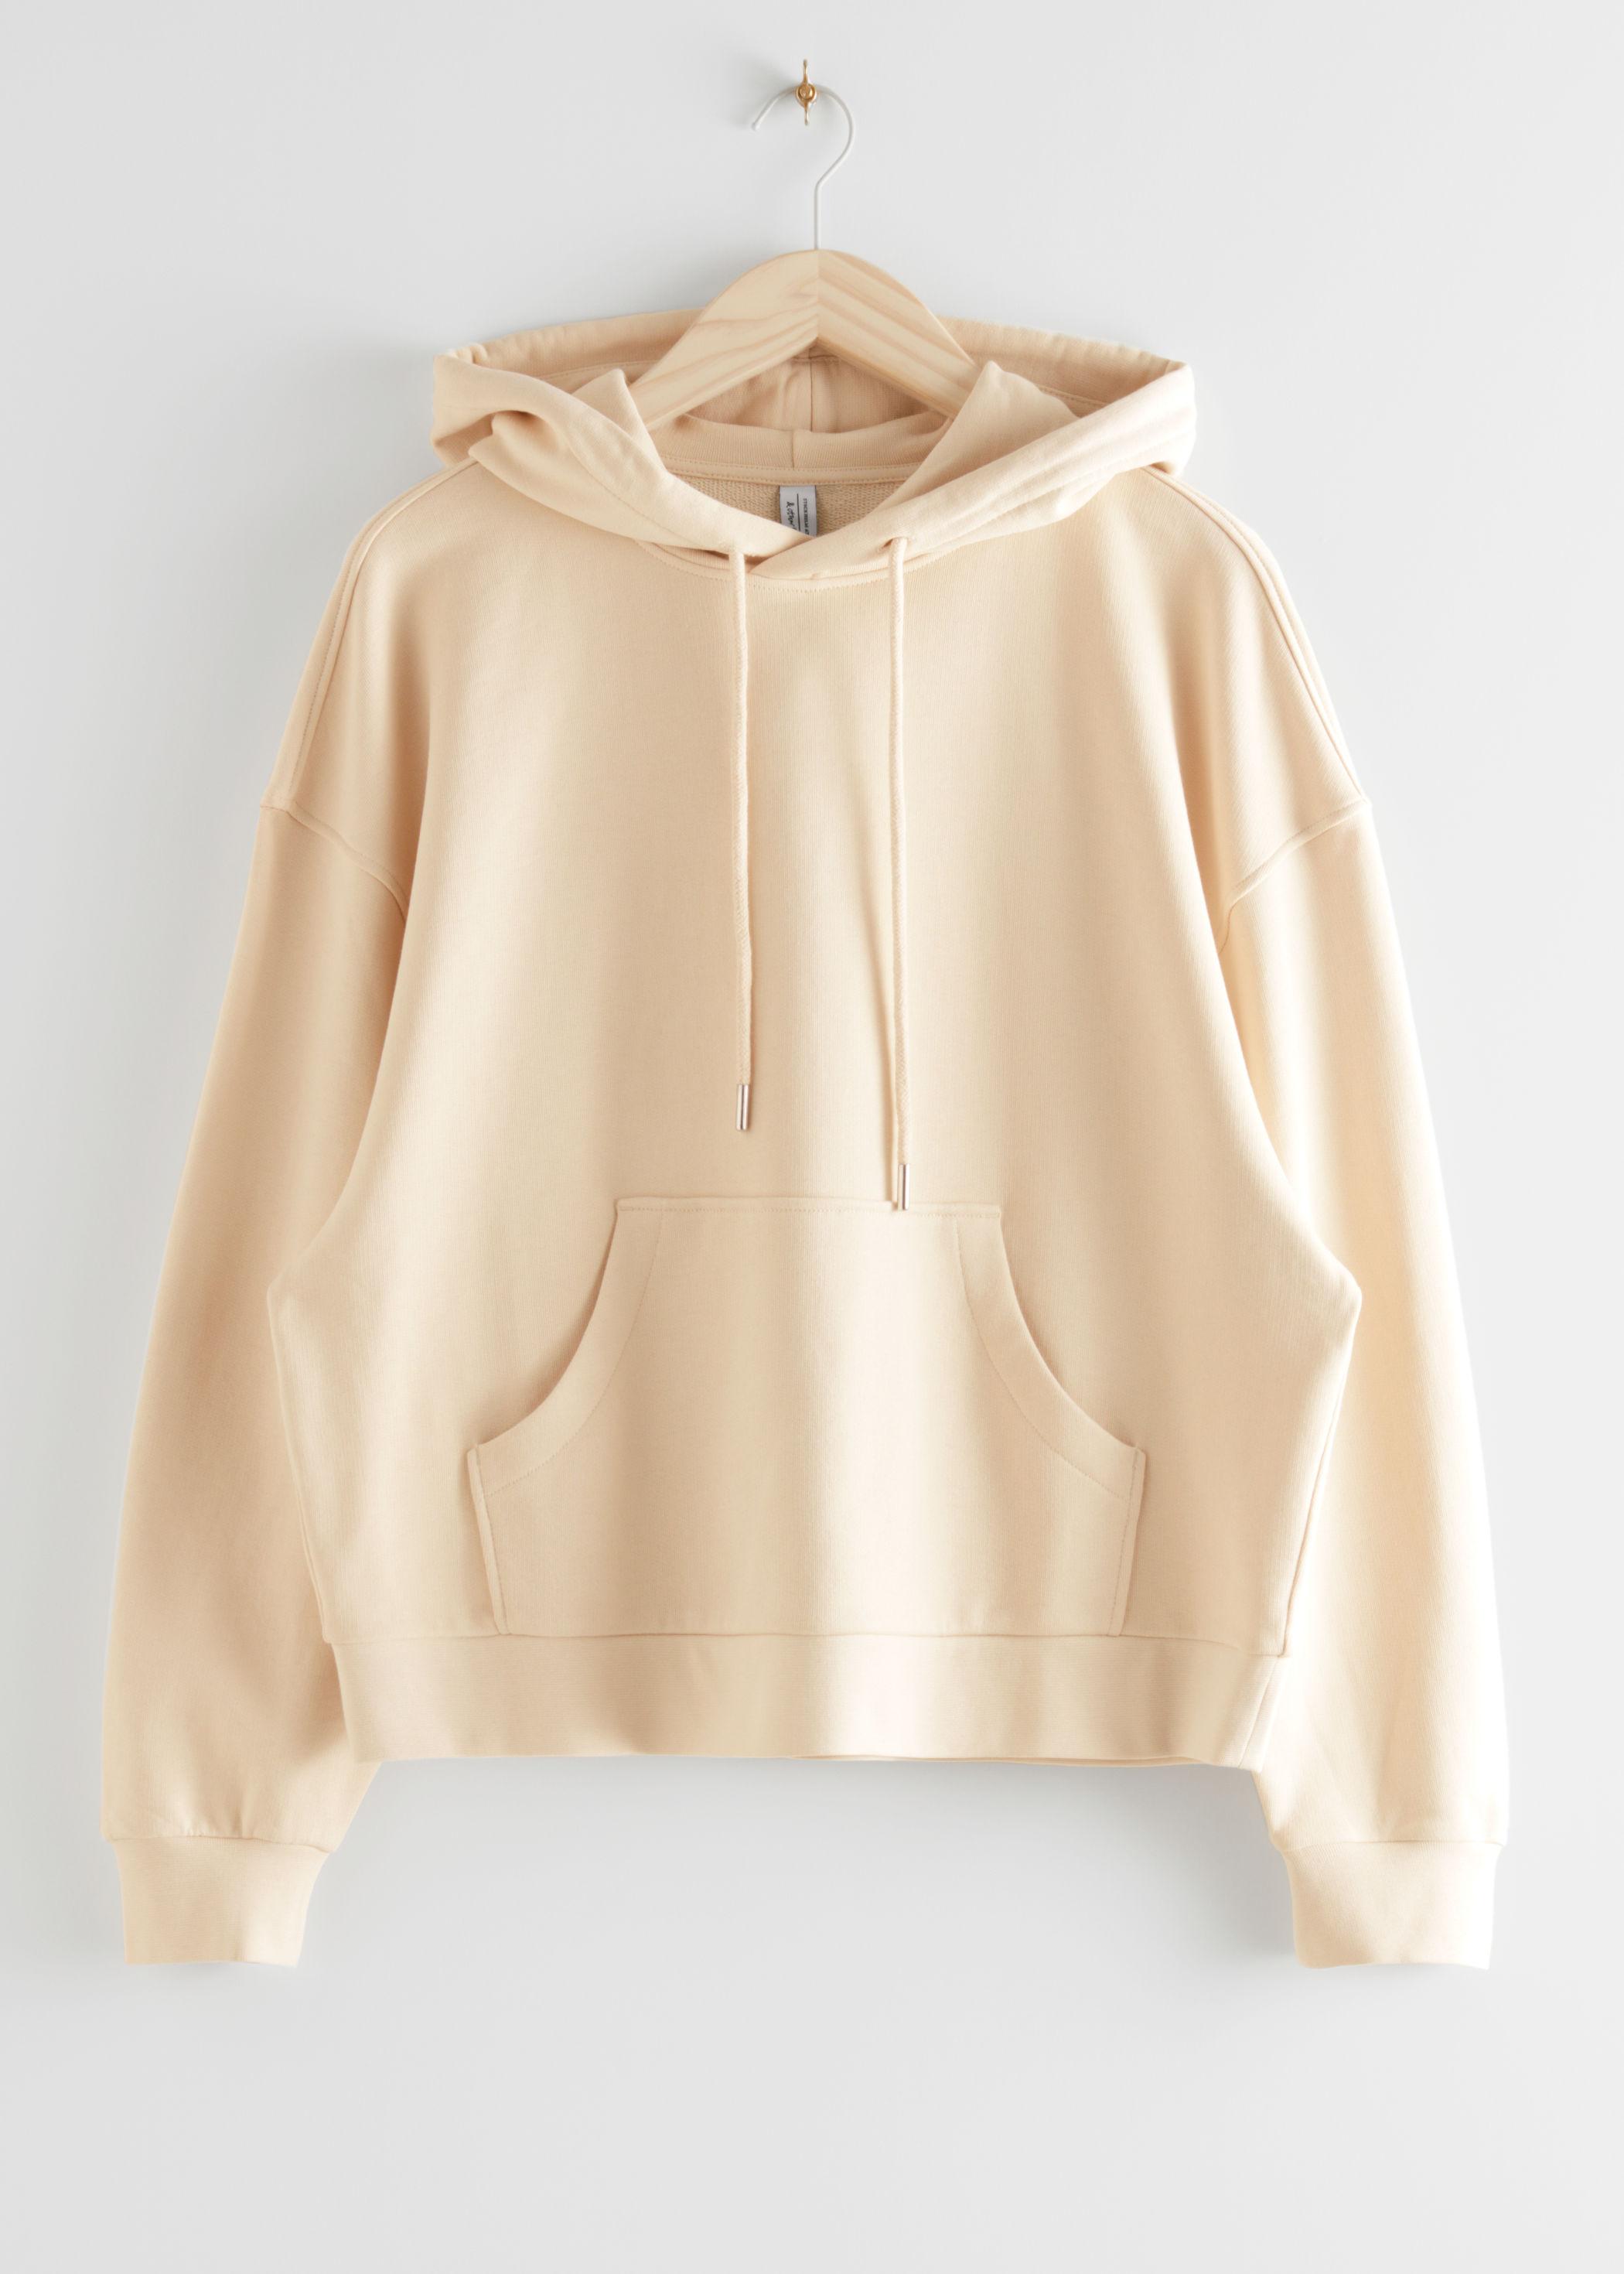 앤 아더 스토리즈 & OTHER STORIES Oversized Boxy Hooded Sweatshirt,Light Beige